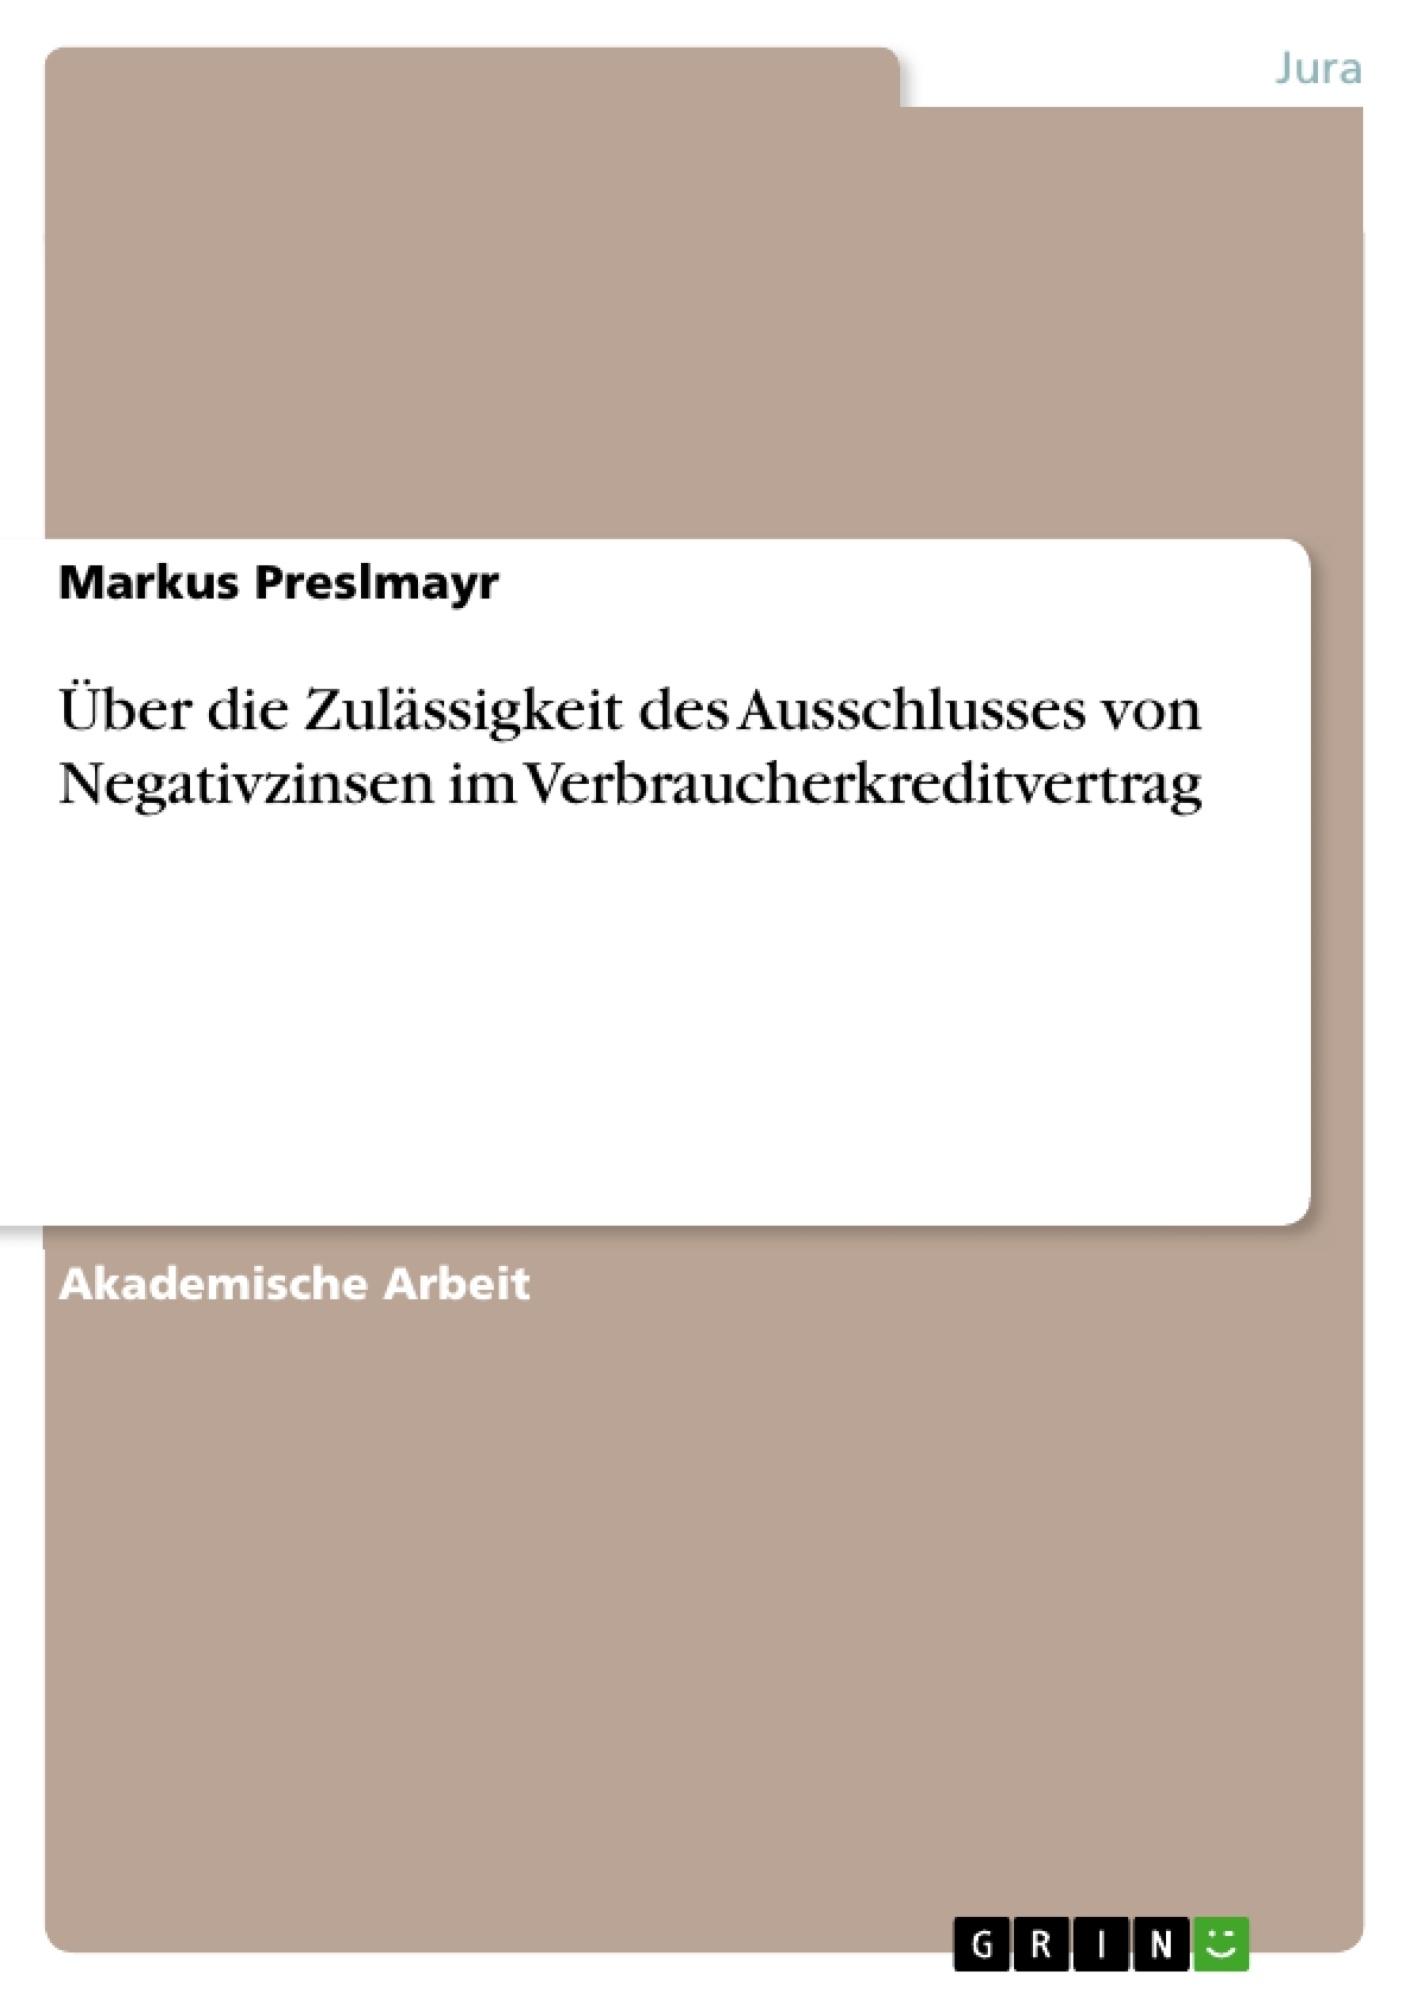 Titel: Über die Zulässigkeit des Ausschlusses von Negativzinsen im Verbraucherkreditvertrag